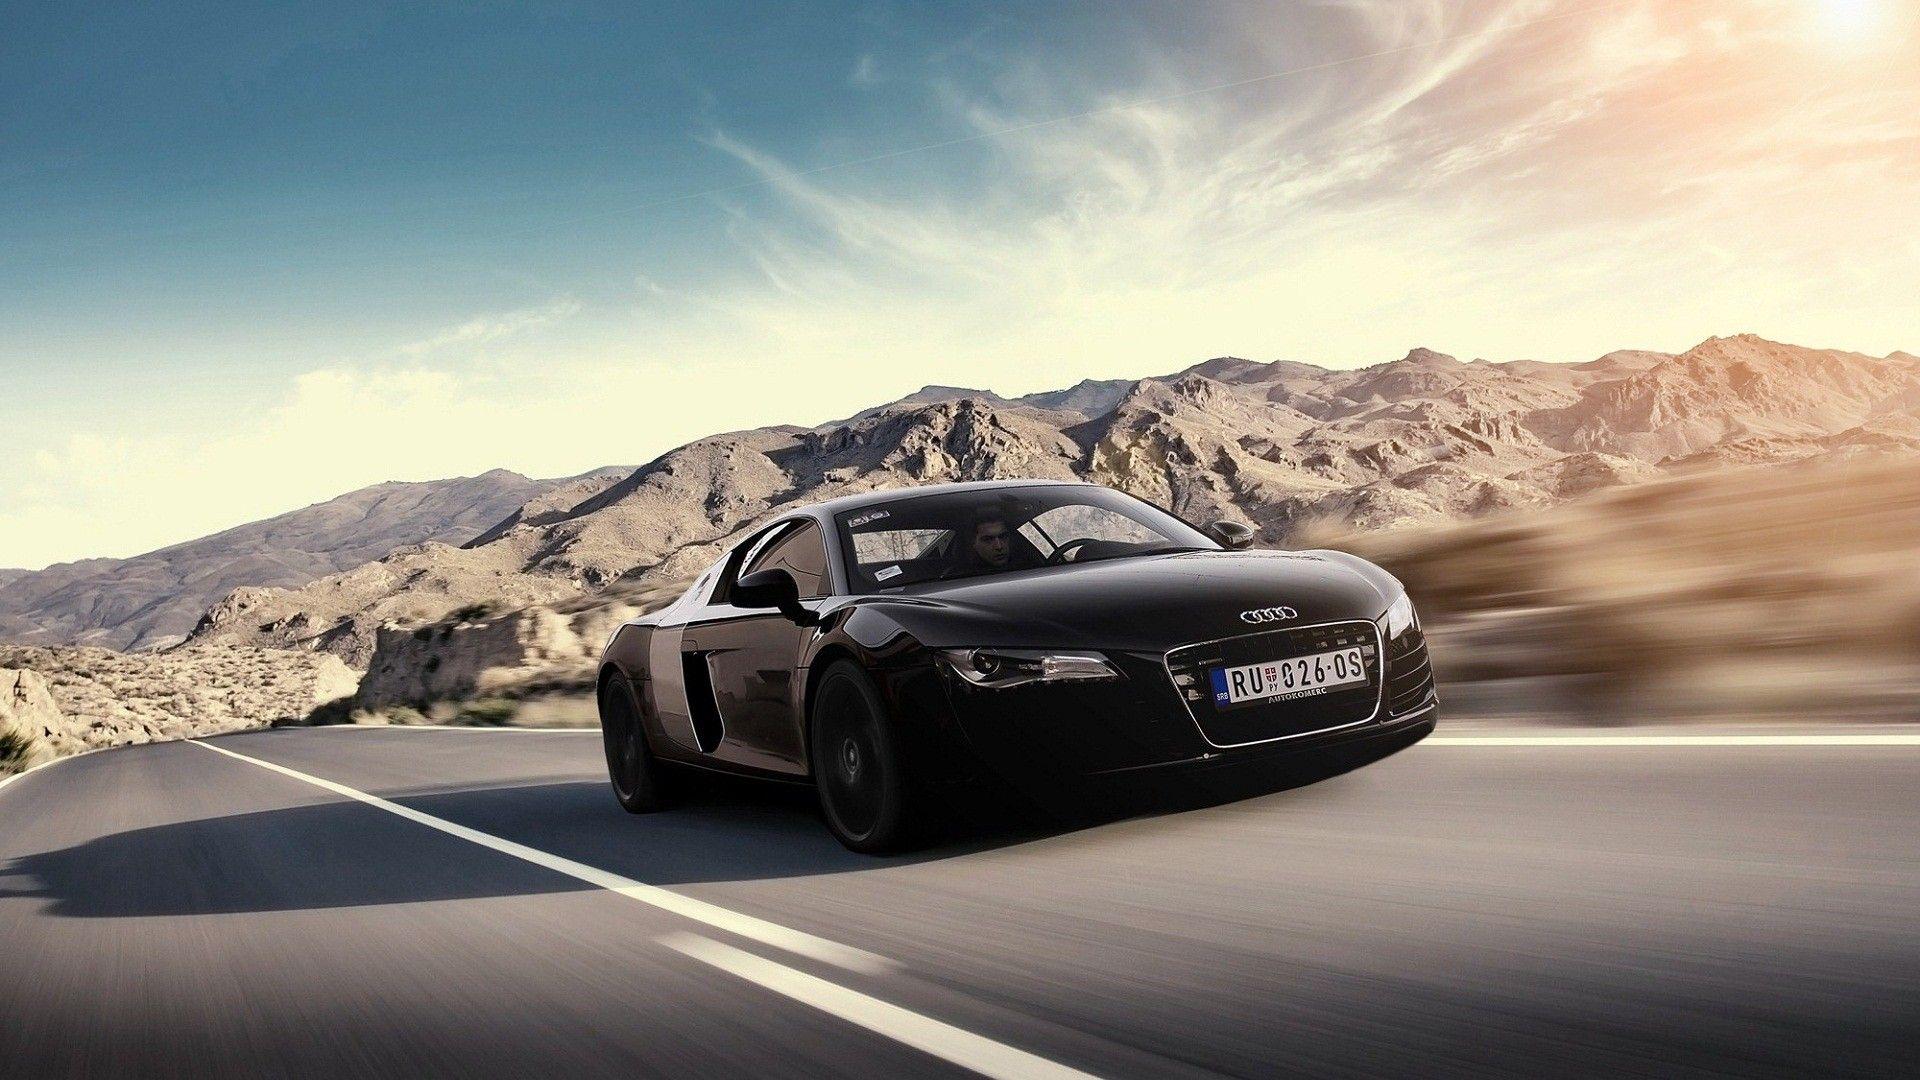 Audi R8 Wallpaper, Audi R8, Audi